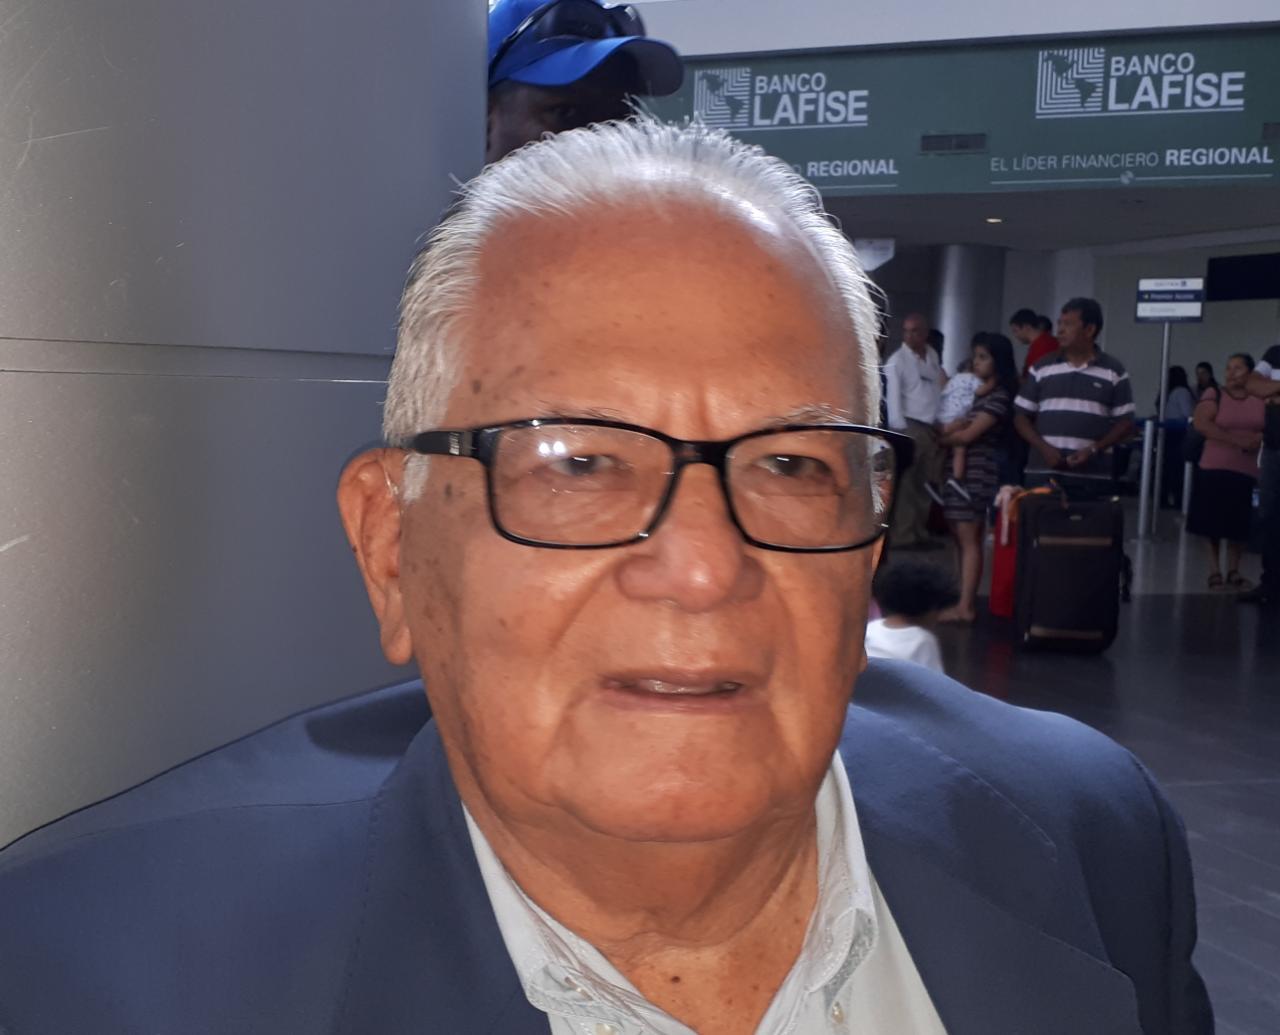 Jorge Yllescas cuestiona que no ha visto organización para realizar un paro nacional